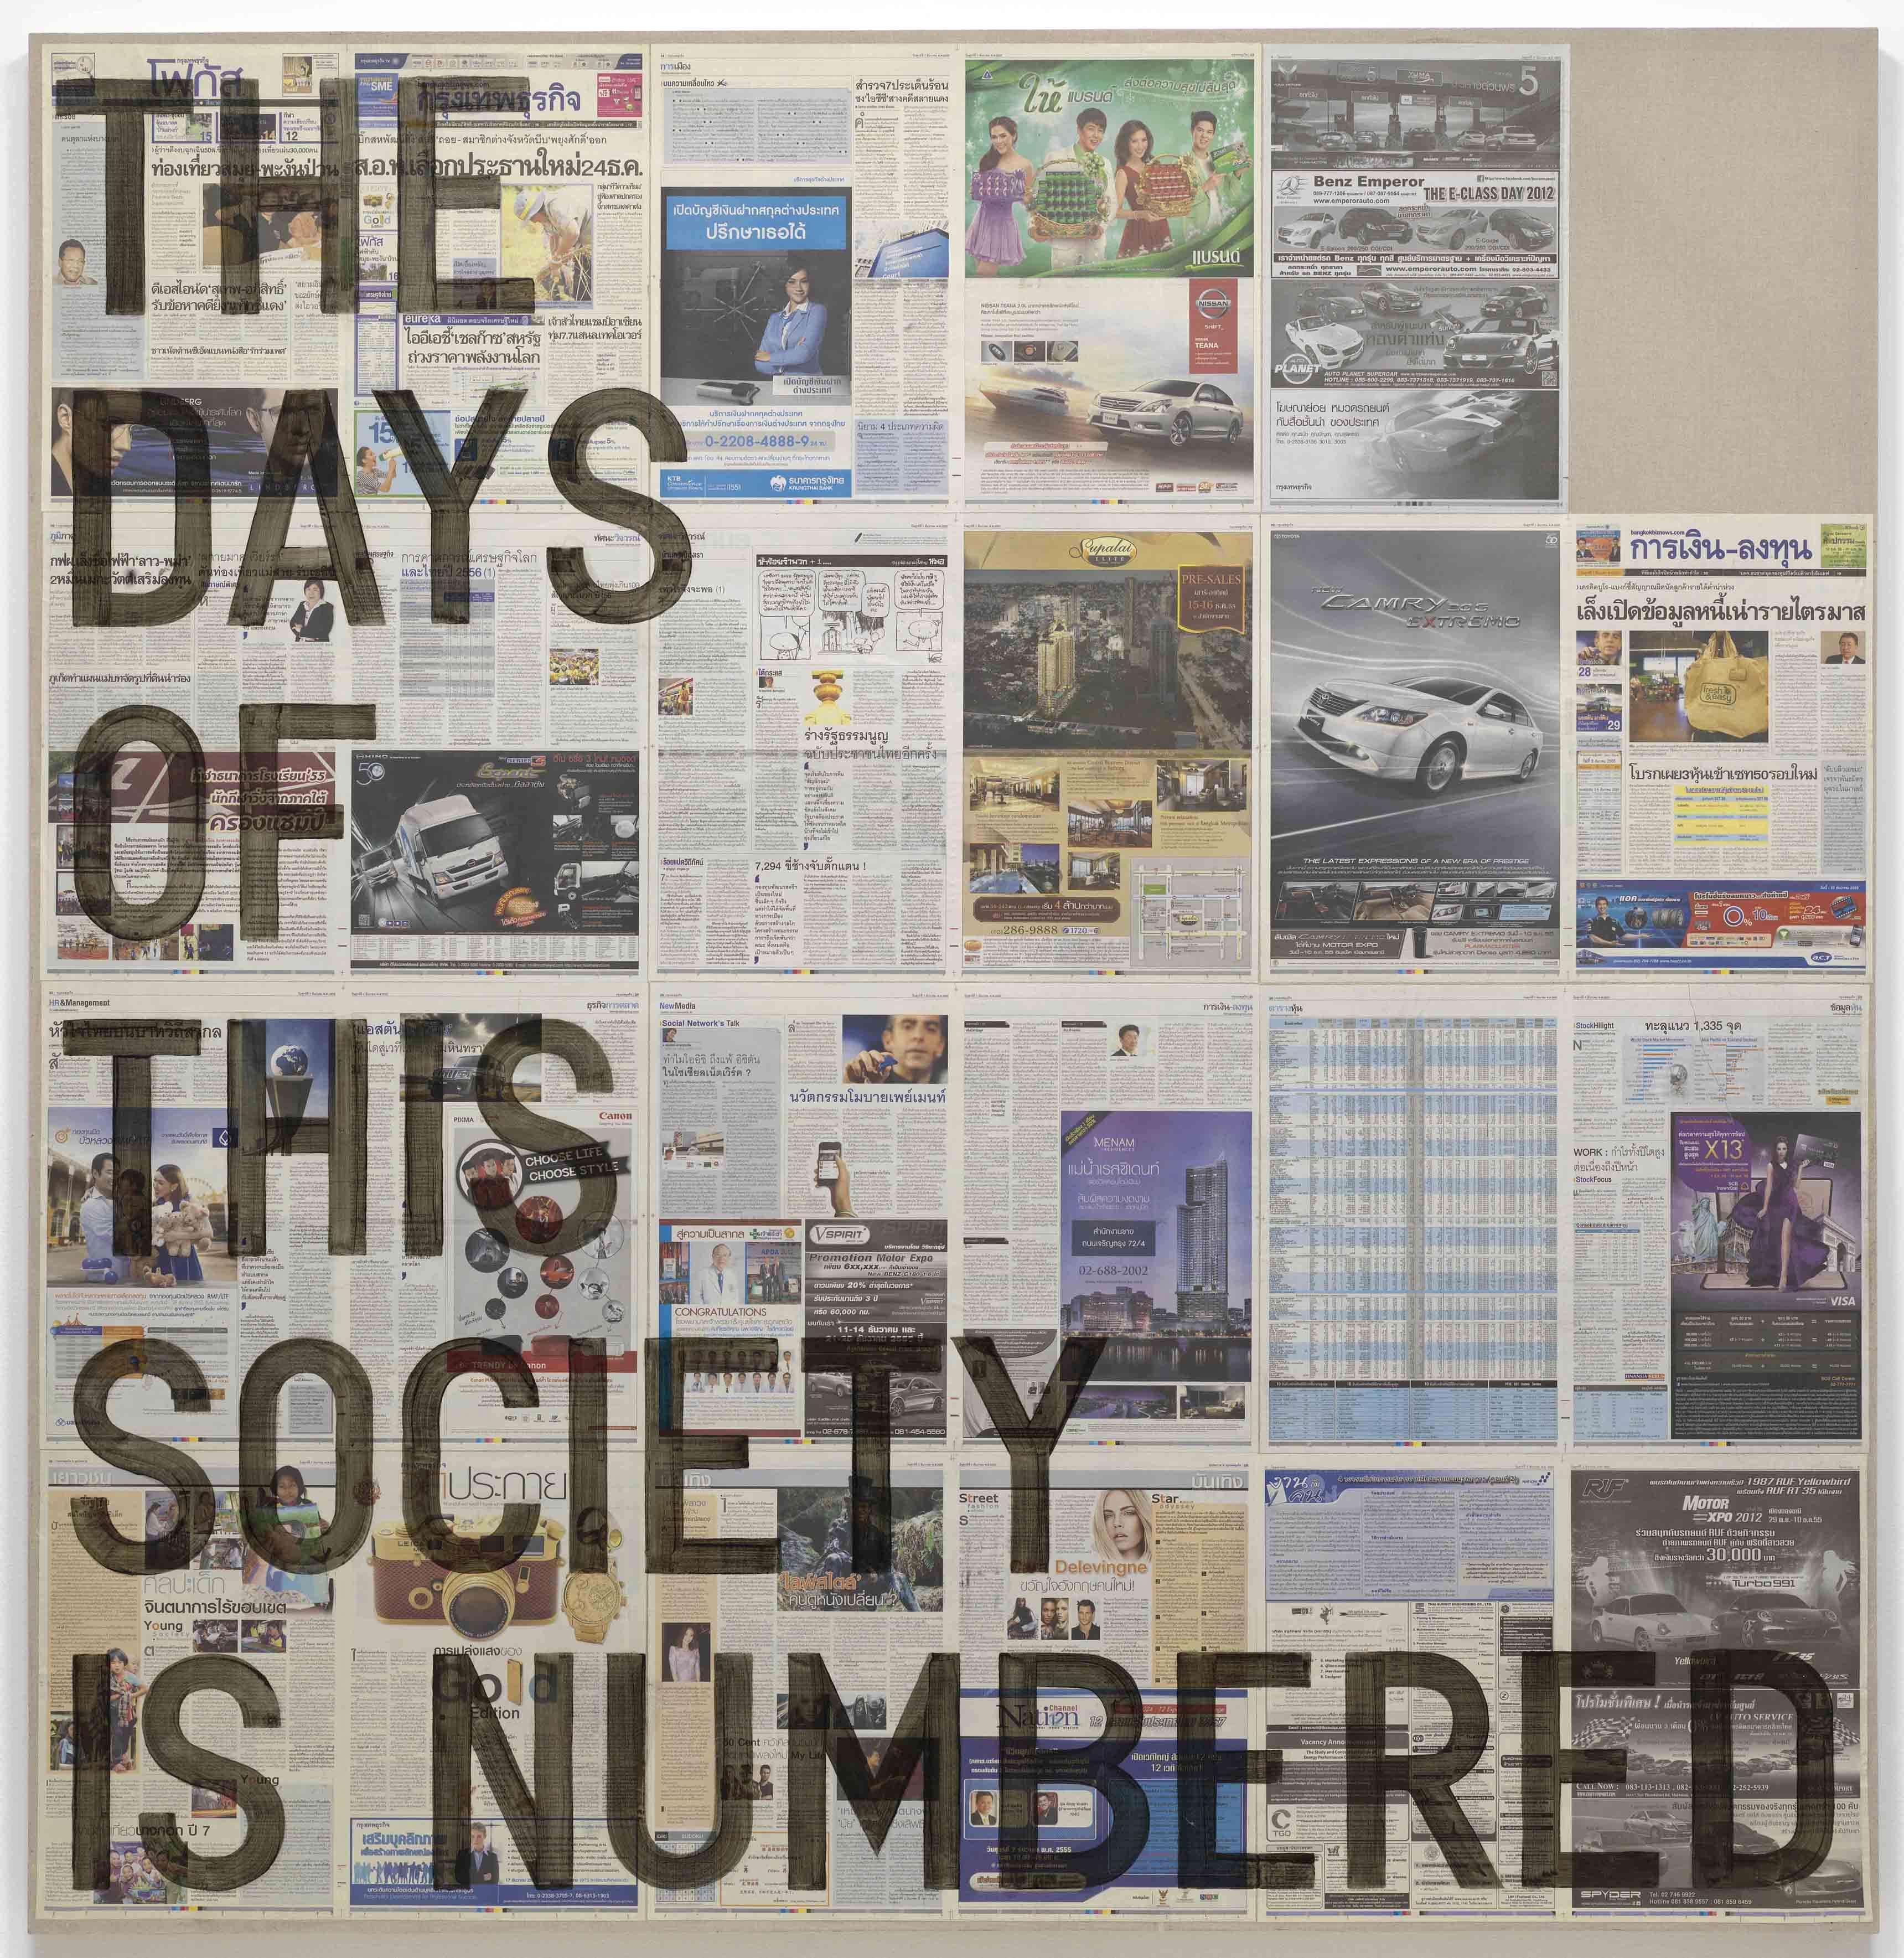 """Rirkrit Tiravanija, """"Untitled"""" (the days of this society is numbered / December 7, 2012), (""""Sans titre"""" [les jours de cette société est comptés / 7 décembre 2012]) (2014)."""